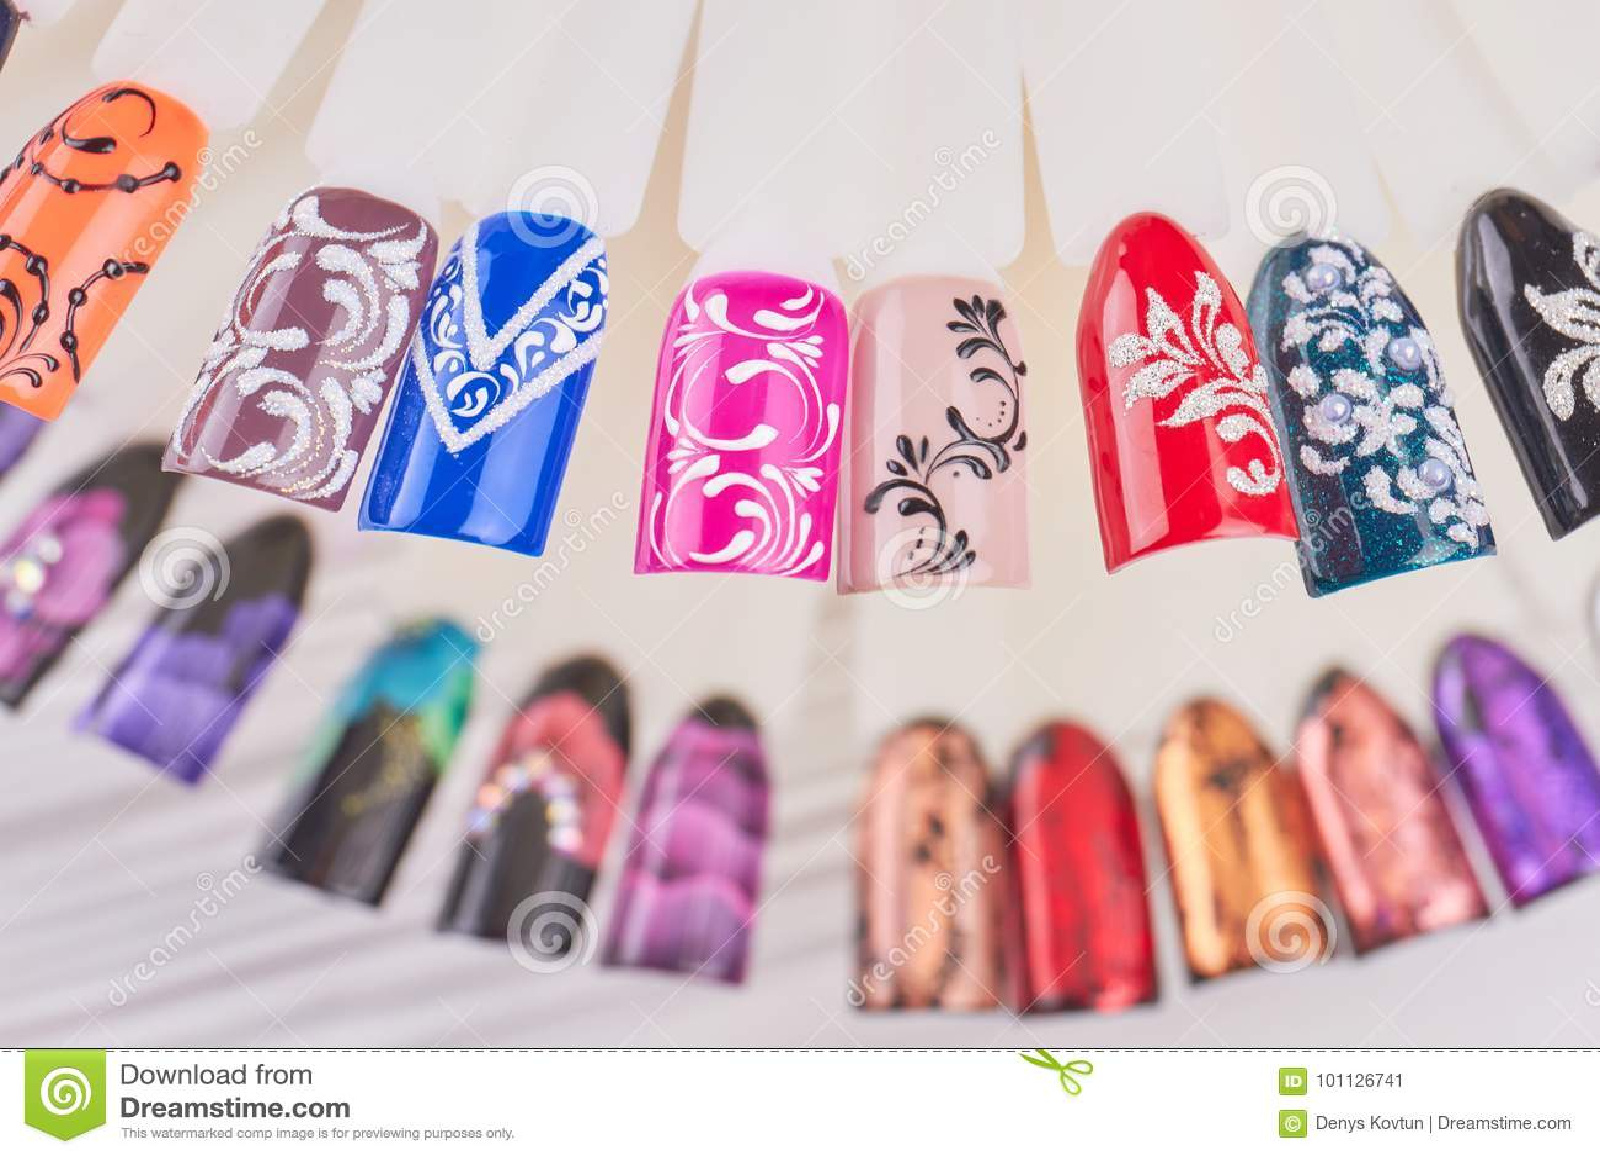 Nail art handmade samples. stock image. Image of glitter - 101126741